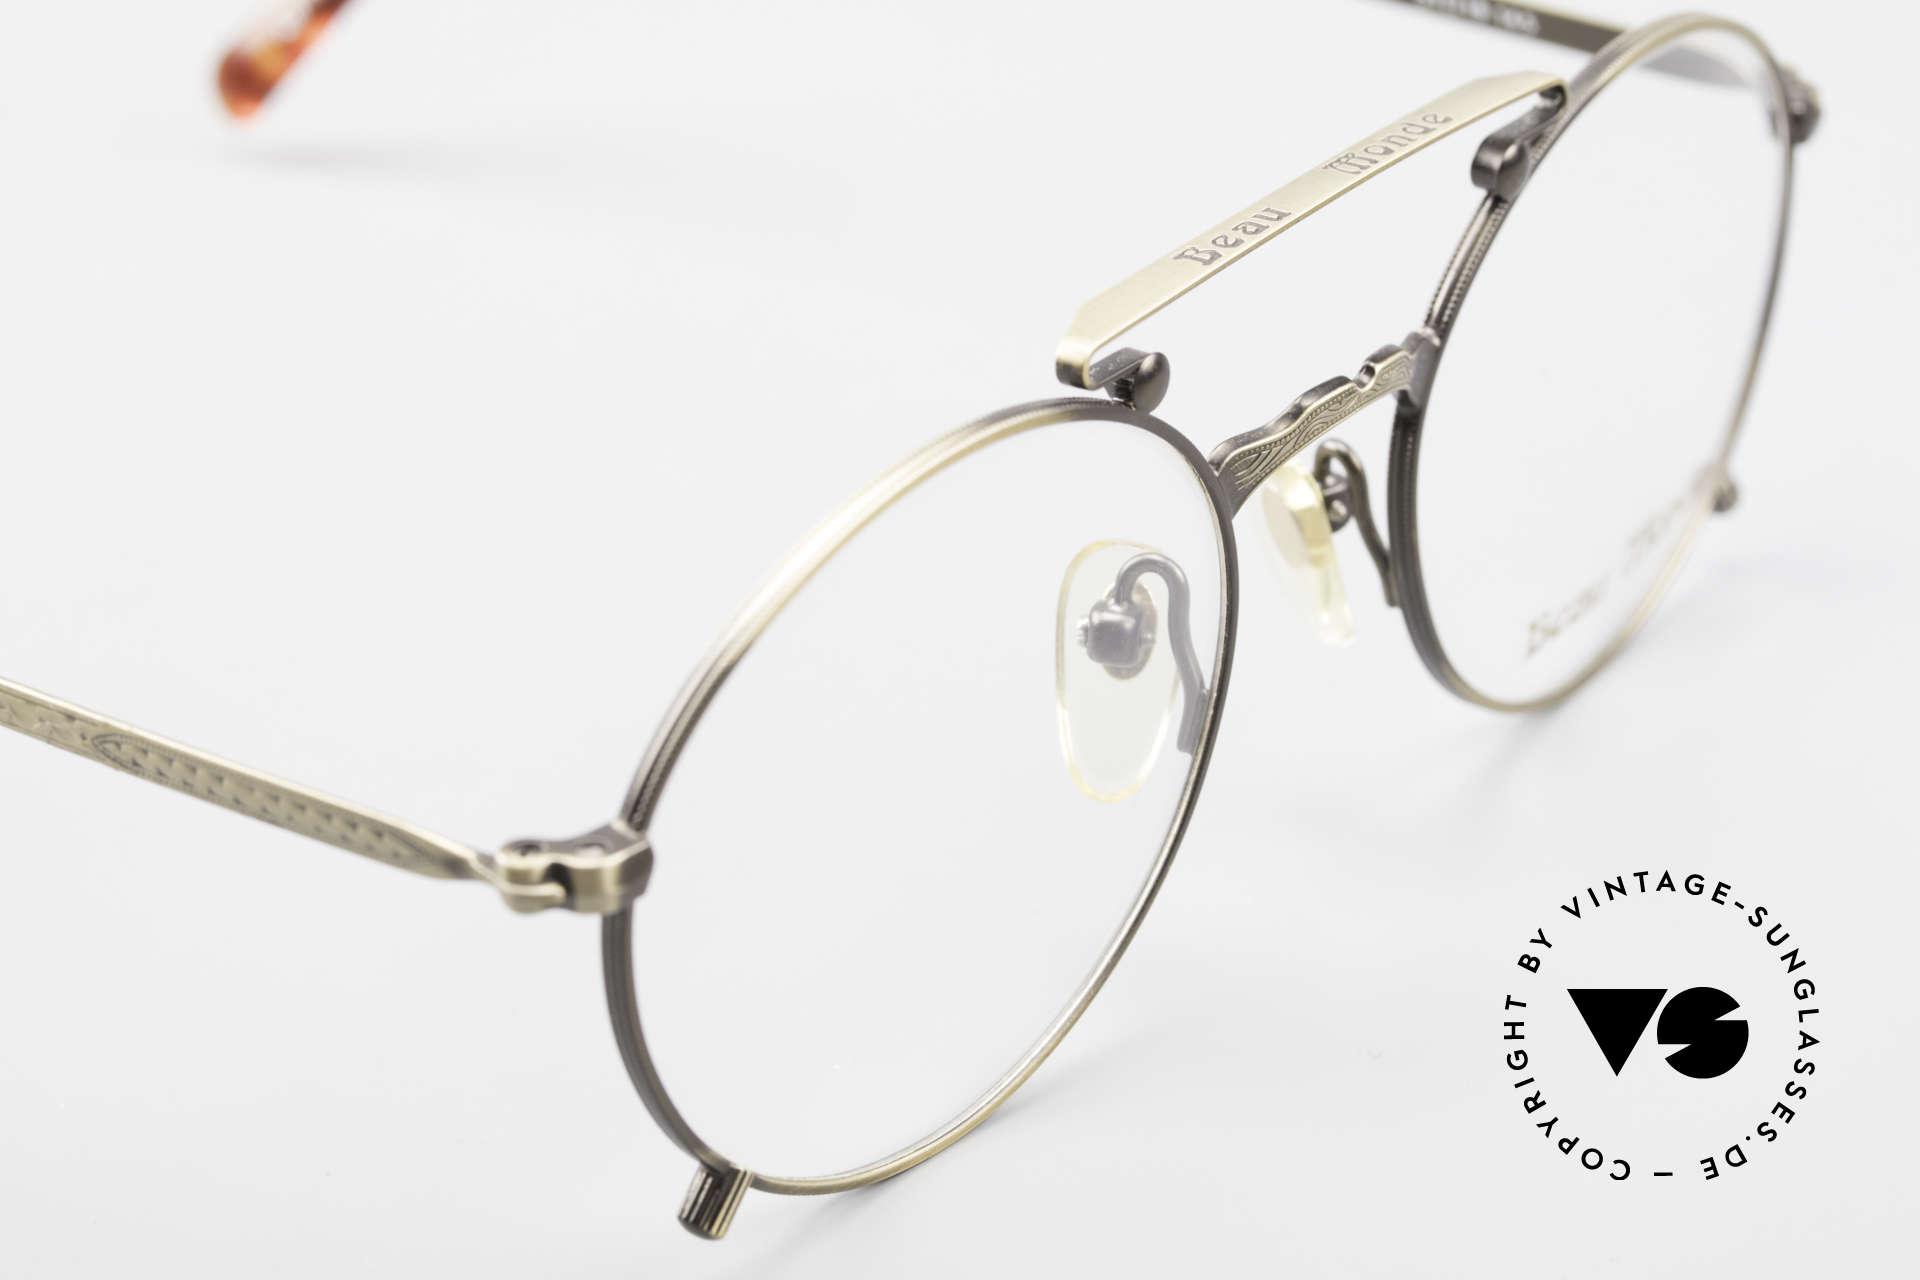 Beau Monde Knightsbridge Alte Vintage Brille 90er Insider, ungetragenes Einzelstück für Leute, die sowas schätzen, Passend für Herren und Damen